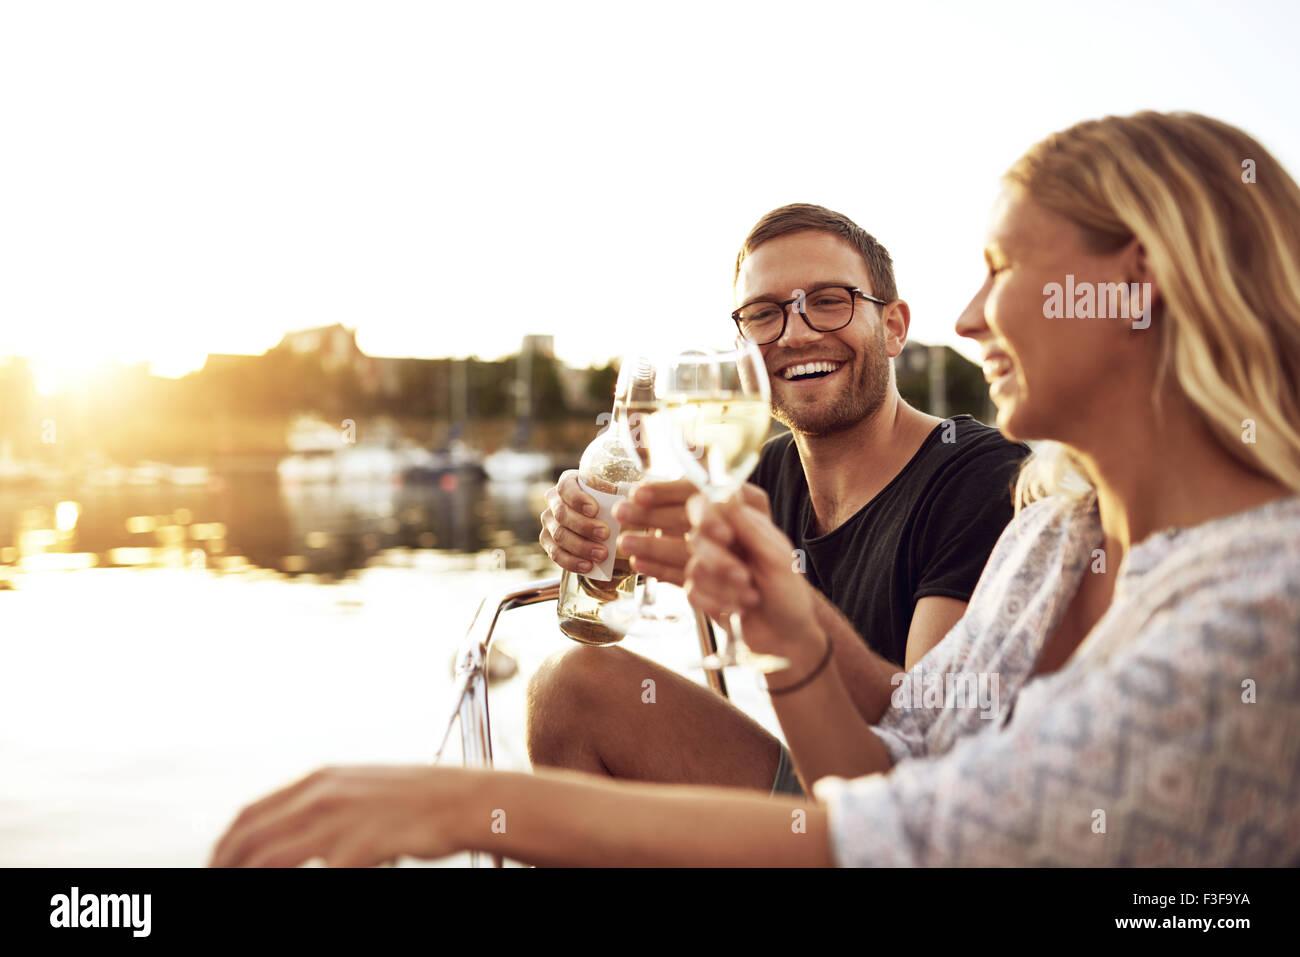 Heureux Couple Toasting verres sur une soirée d'été Banque D'Images